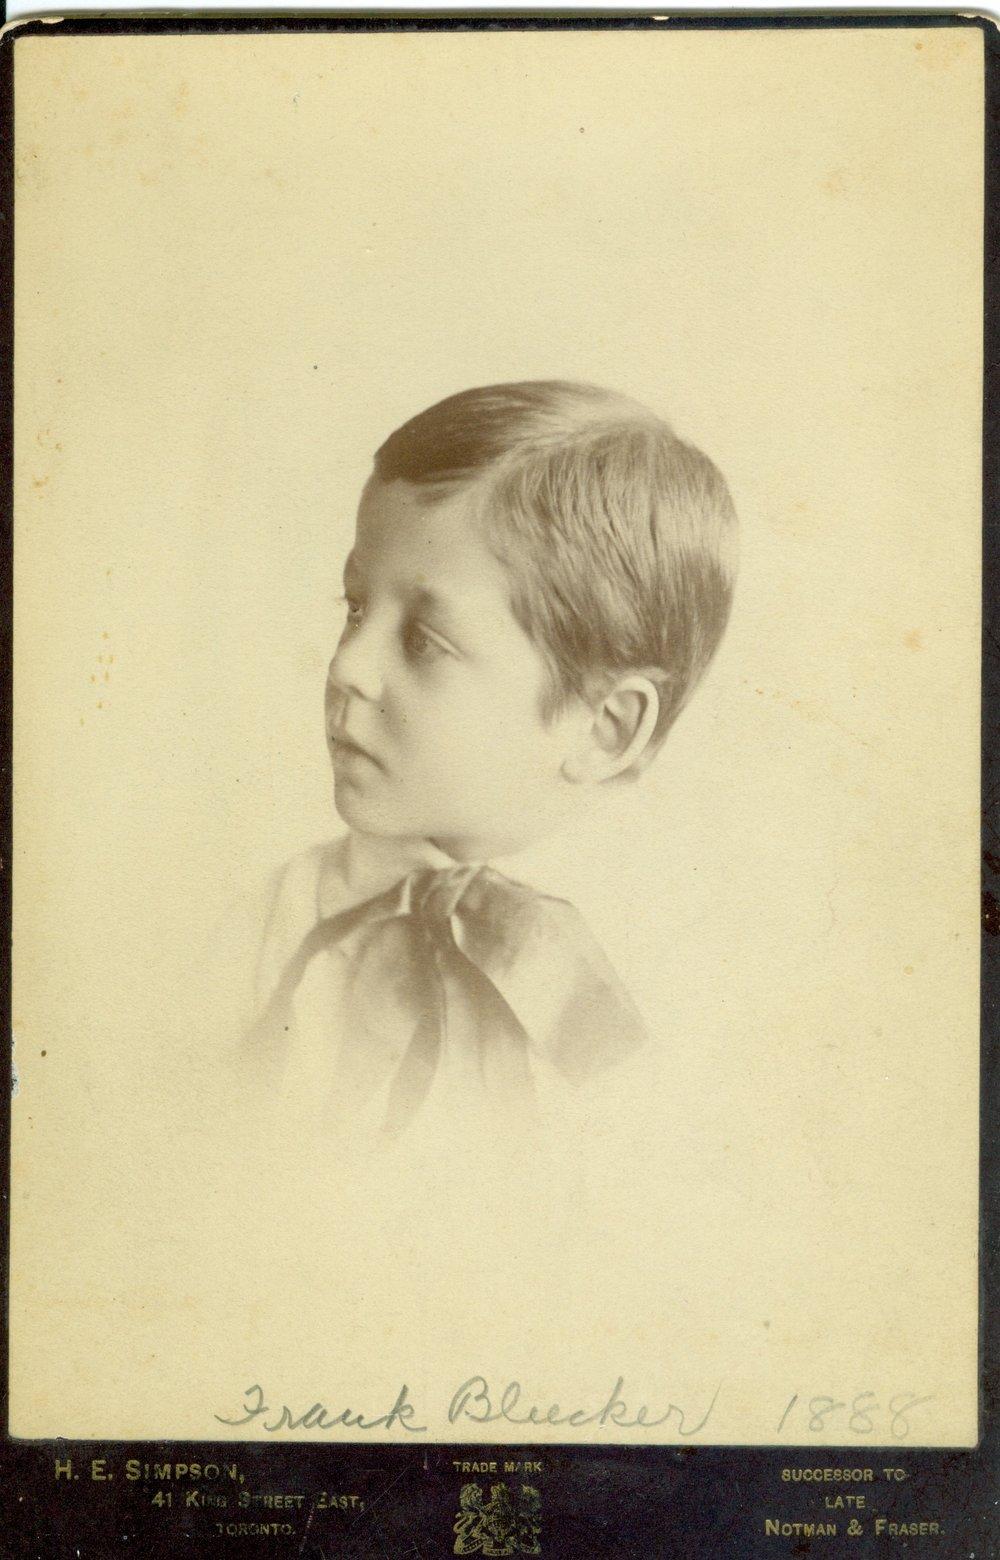 Frank Bleecker 1888